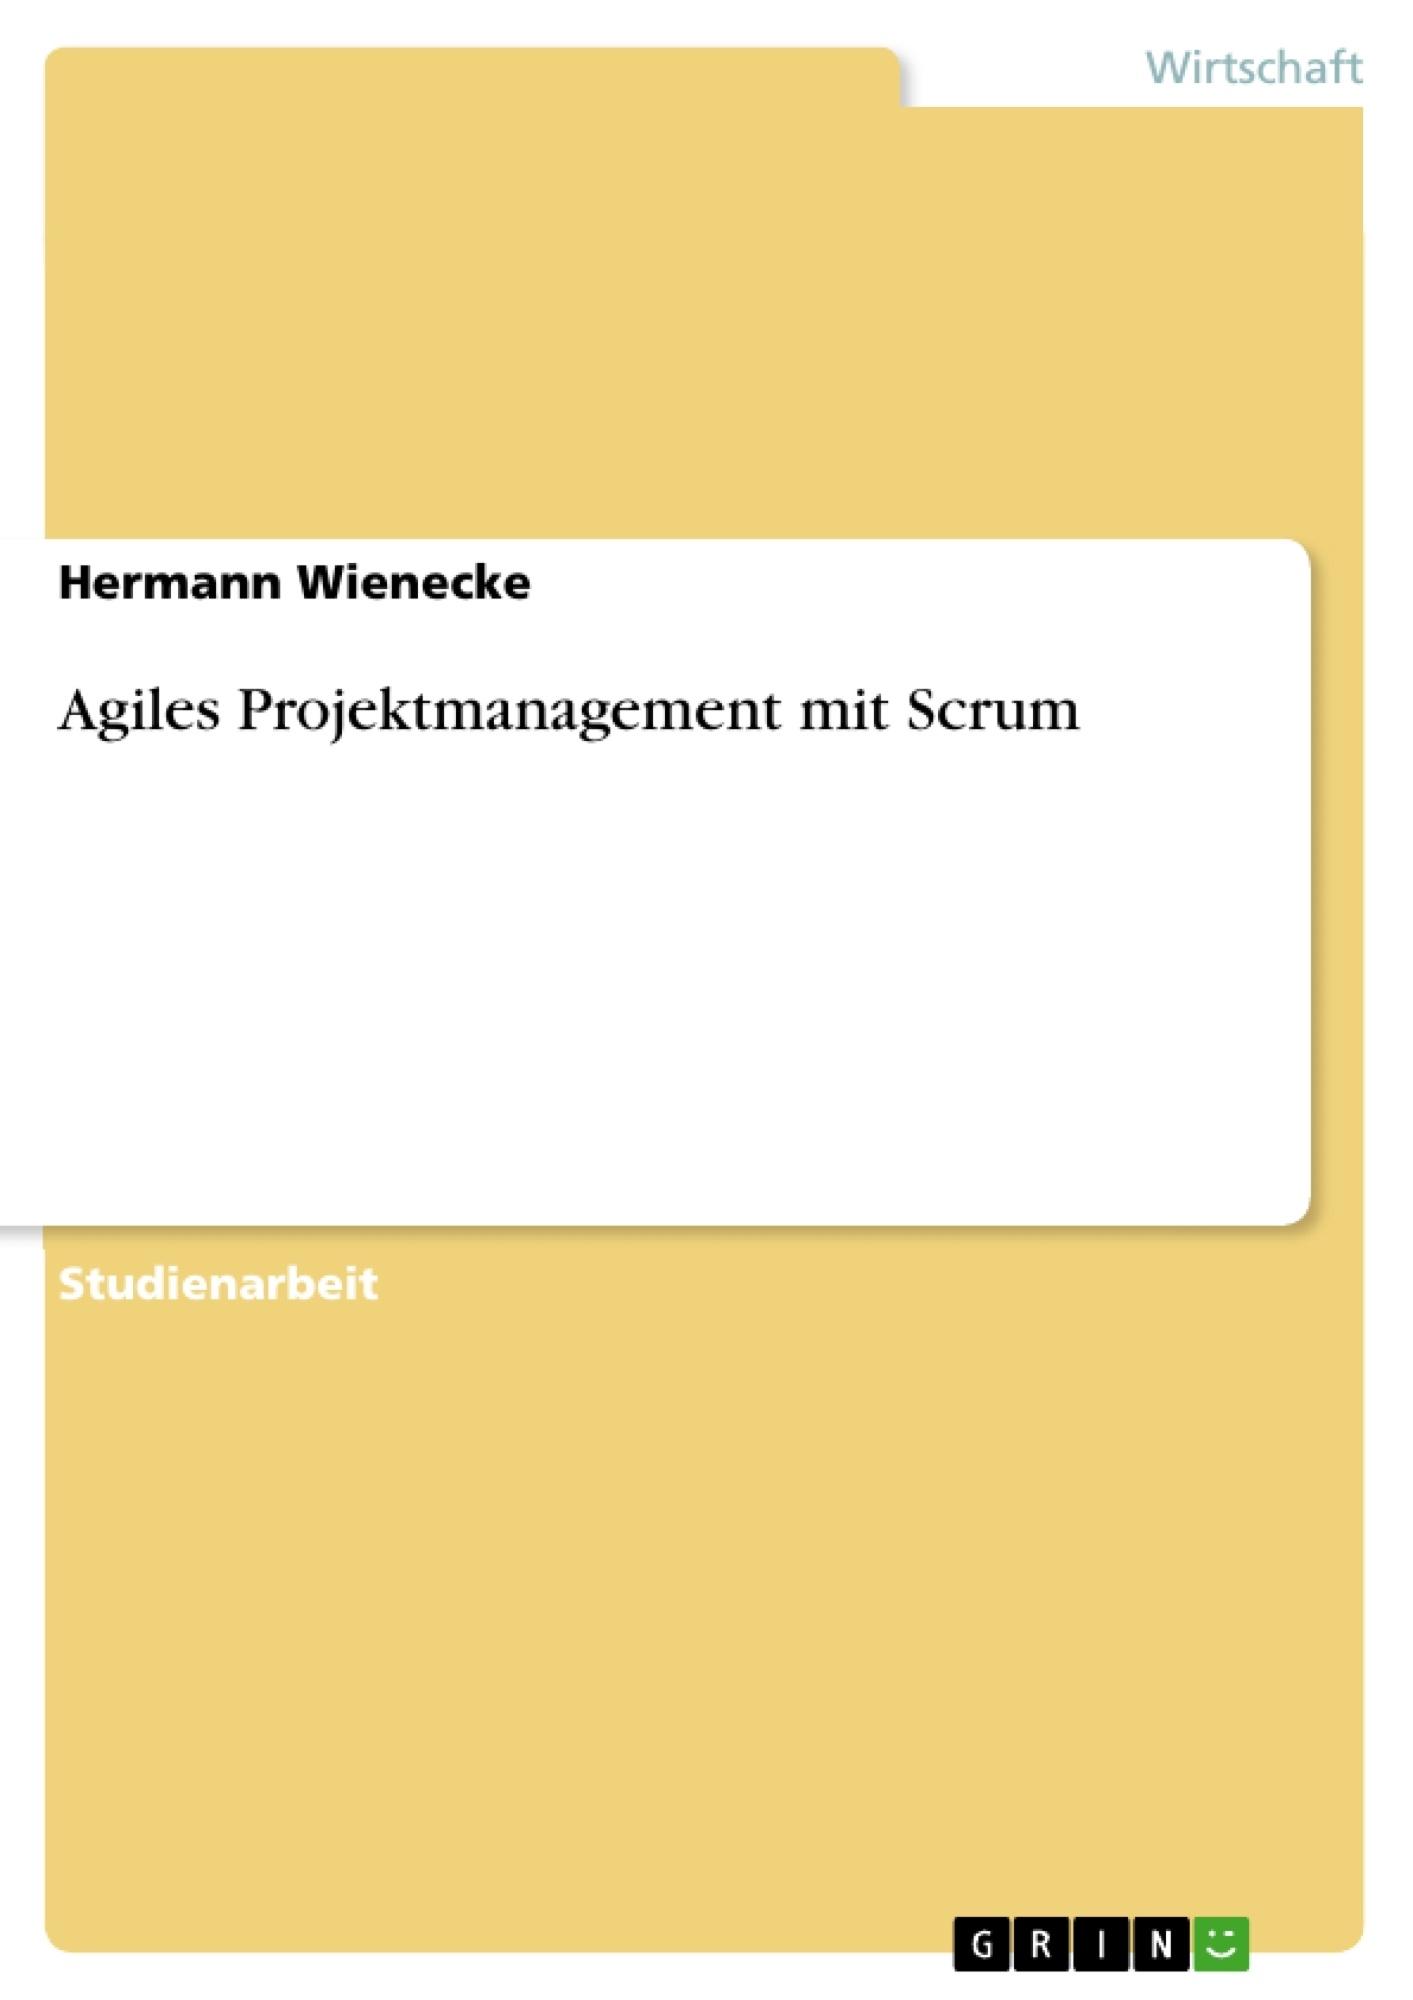 Titel: Agiles Projektmanagement  mit Scrum